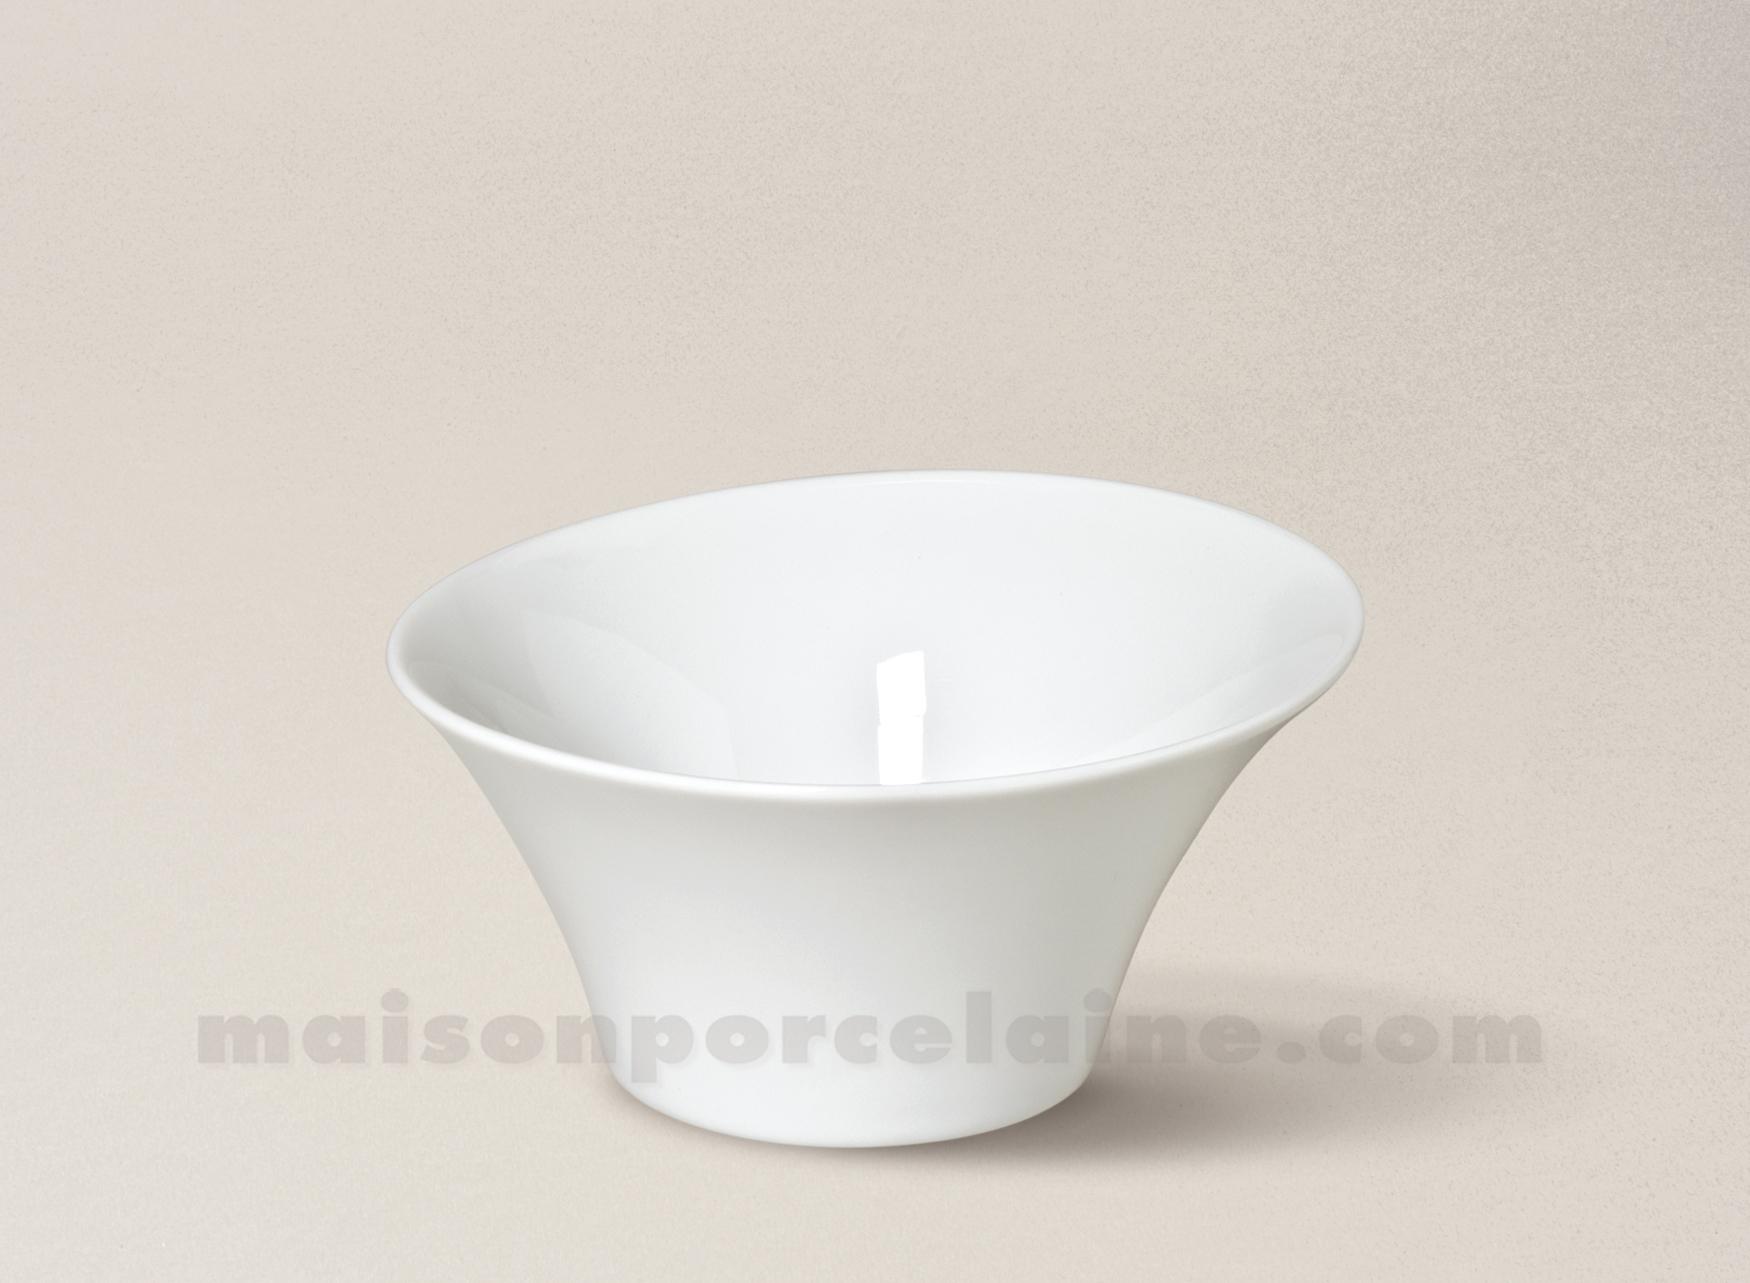 Coupelle porcelaine blanche kosmos 11 5x6 18cl maison de for Maison de la porcelaine